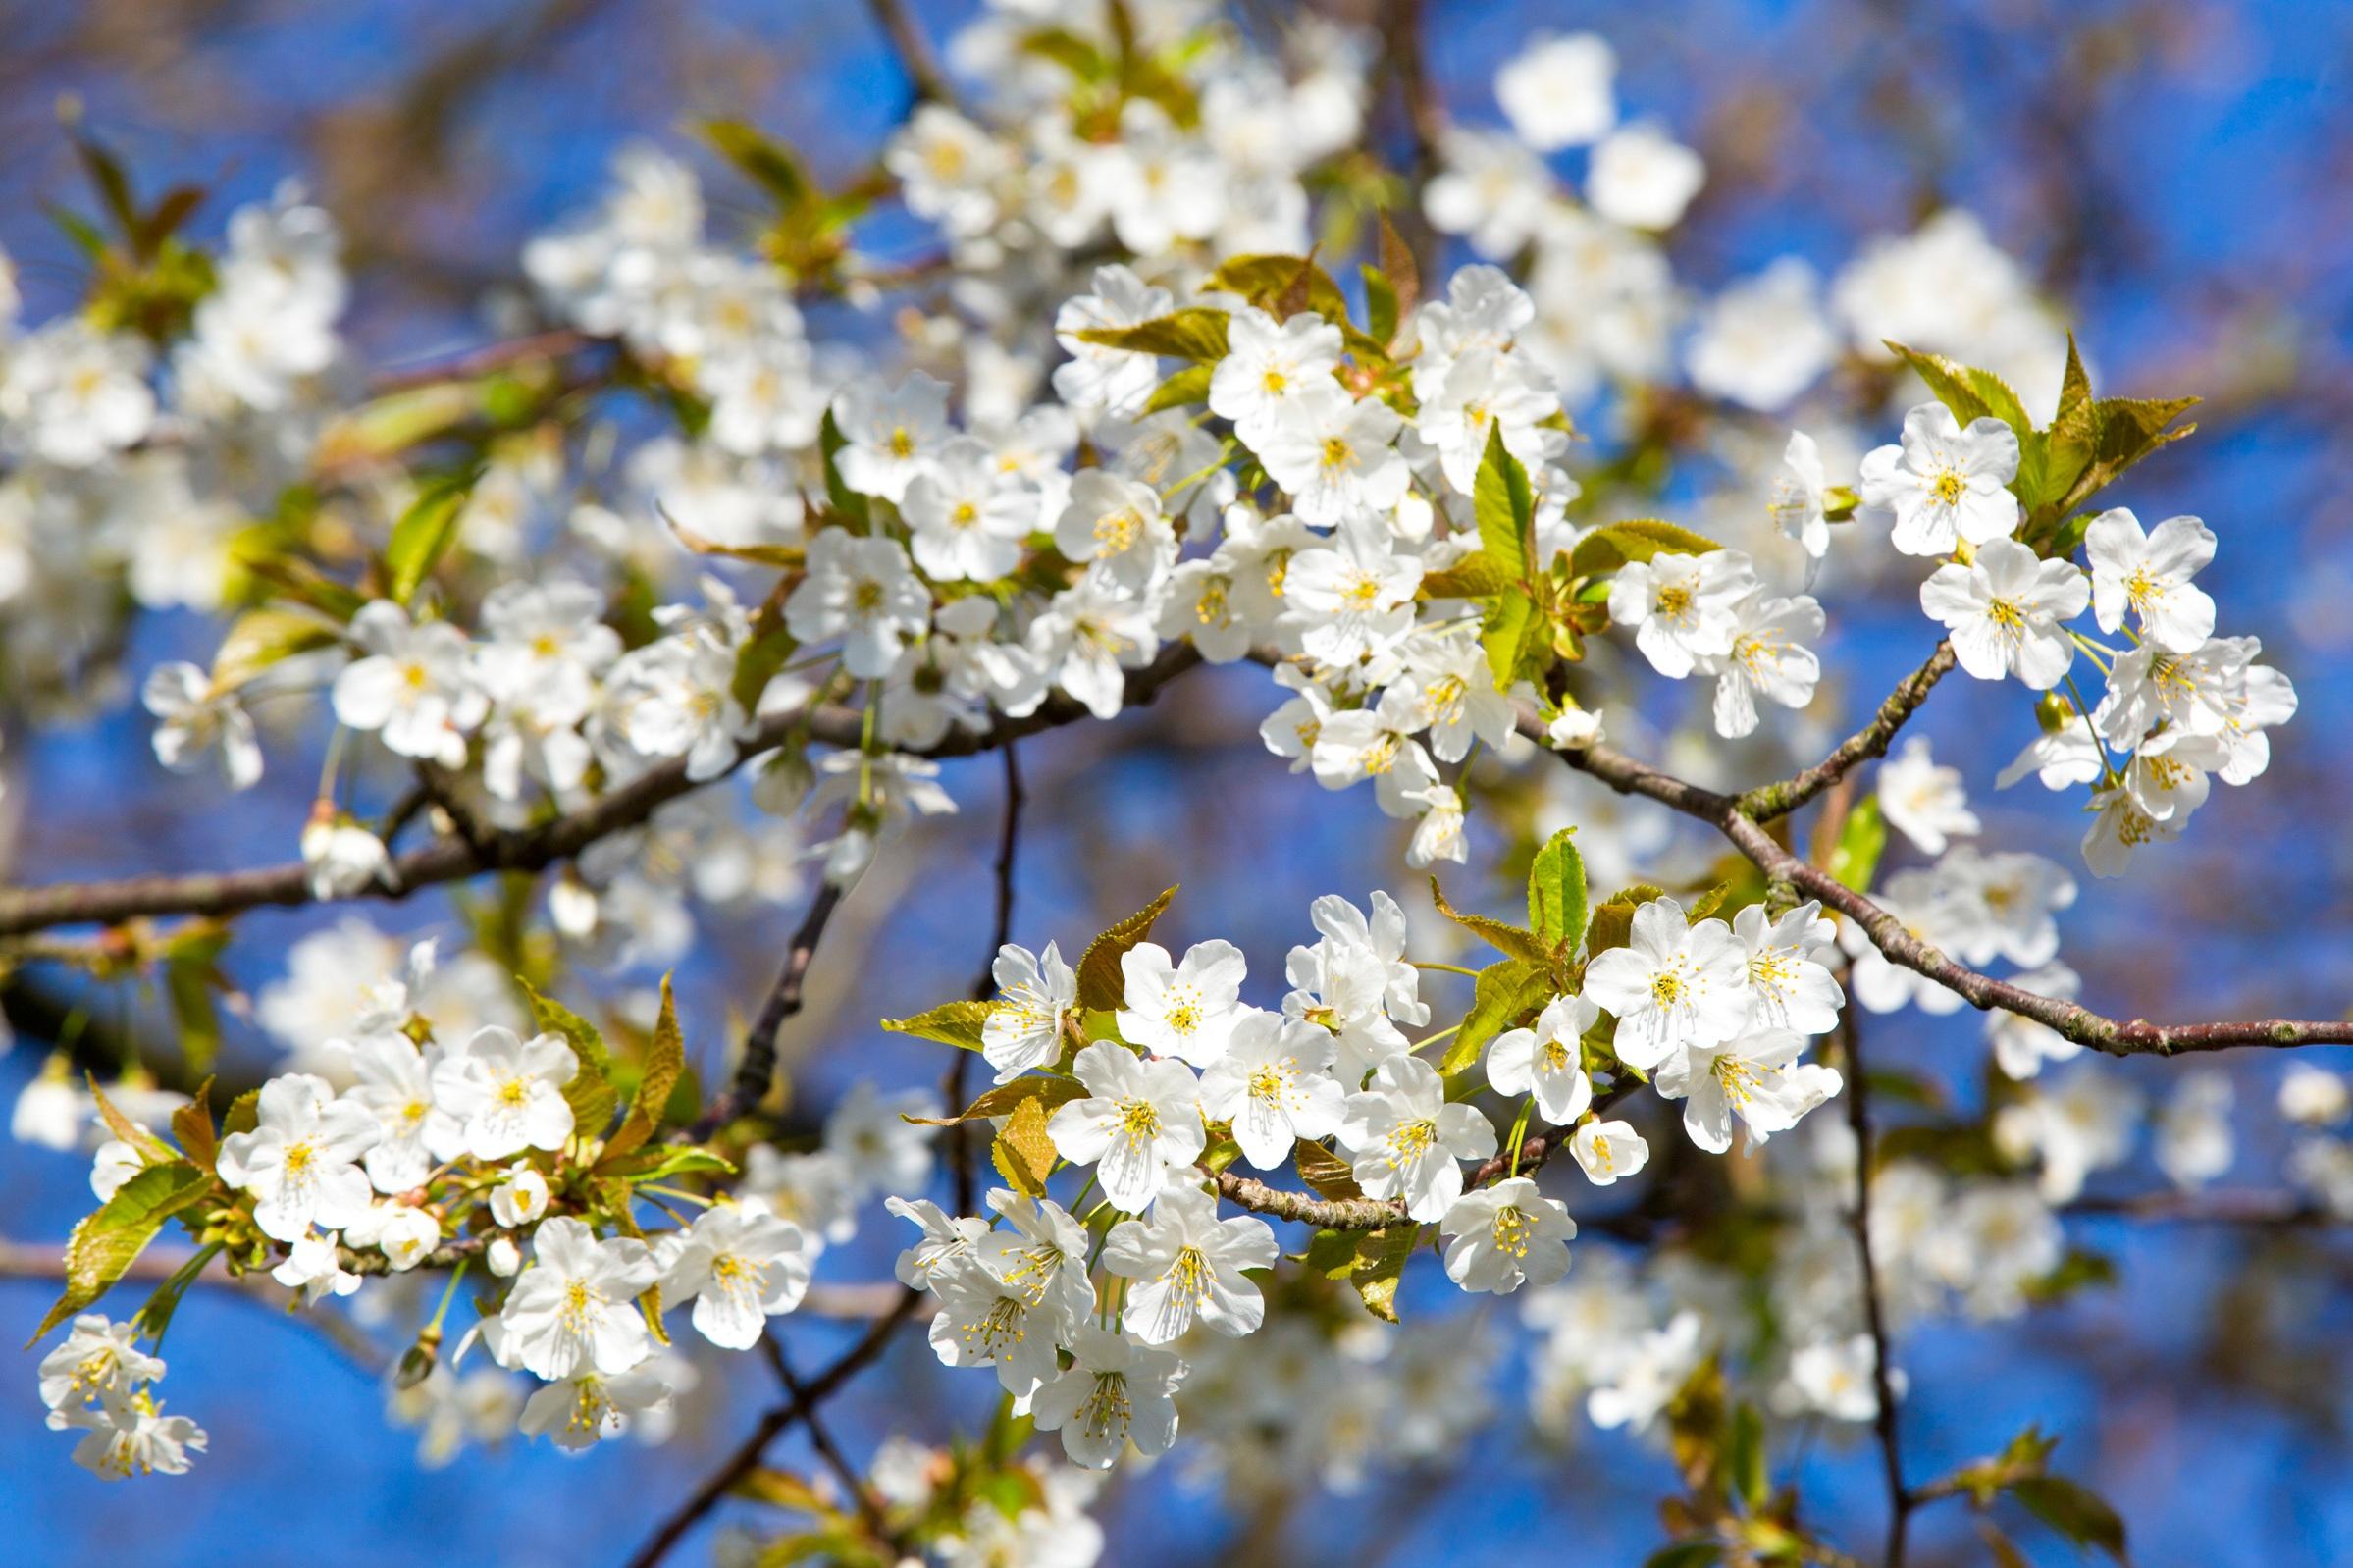 него весна время расцветать картинки вазу бисером технология